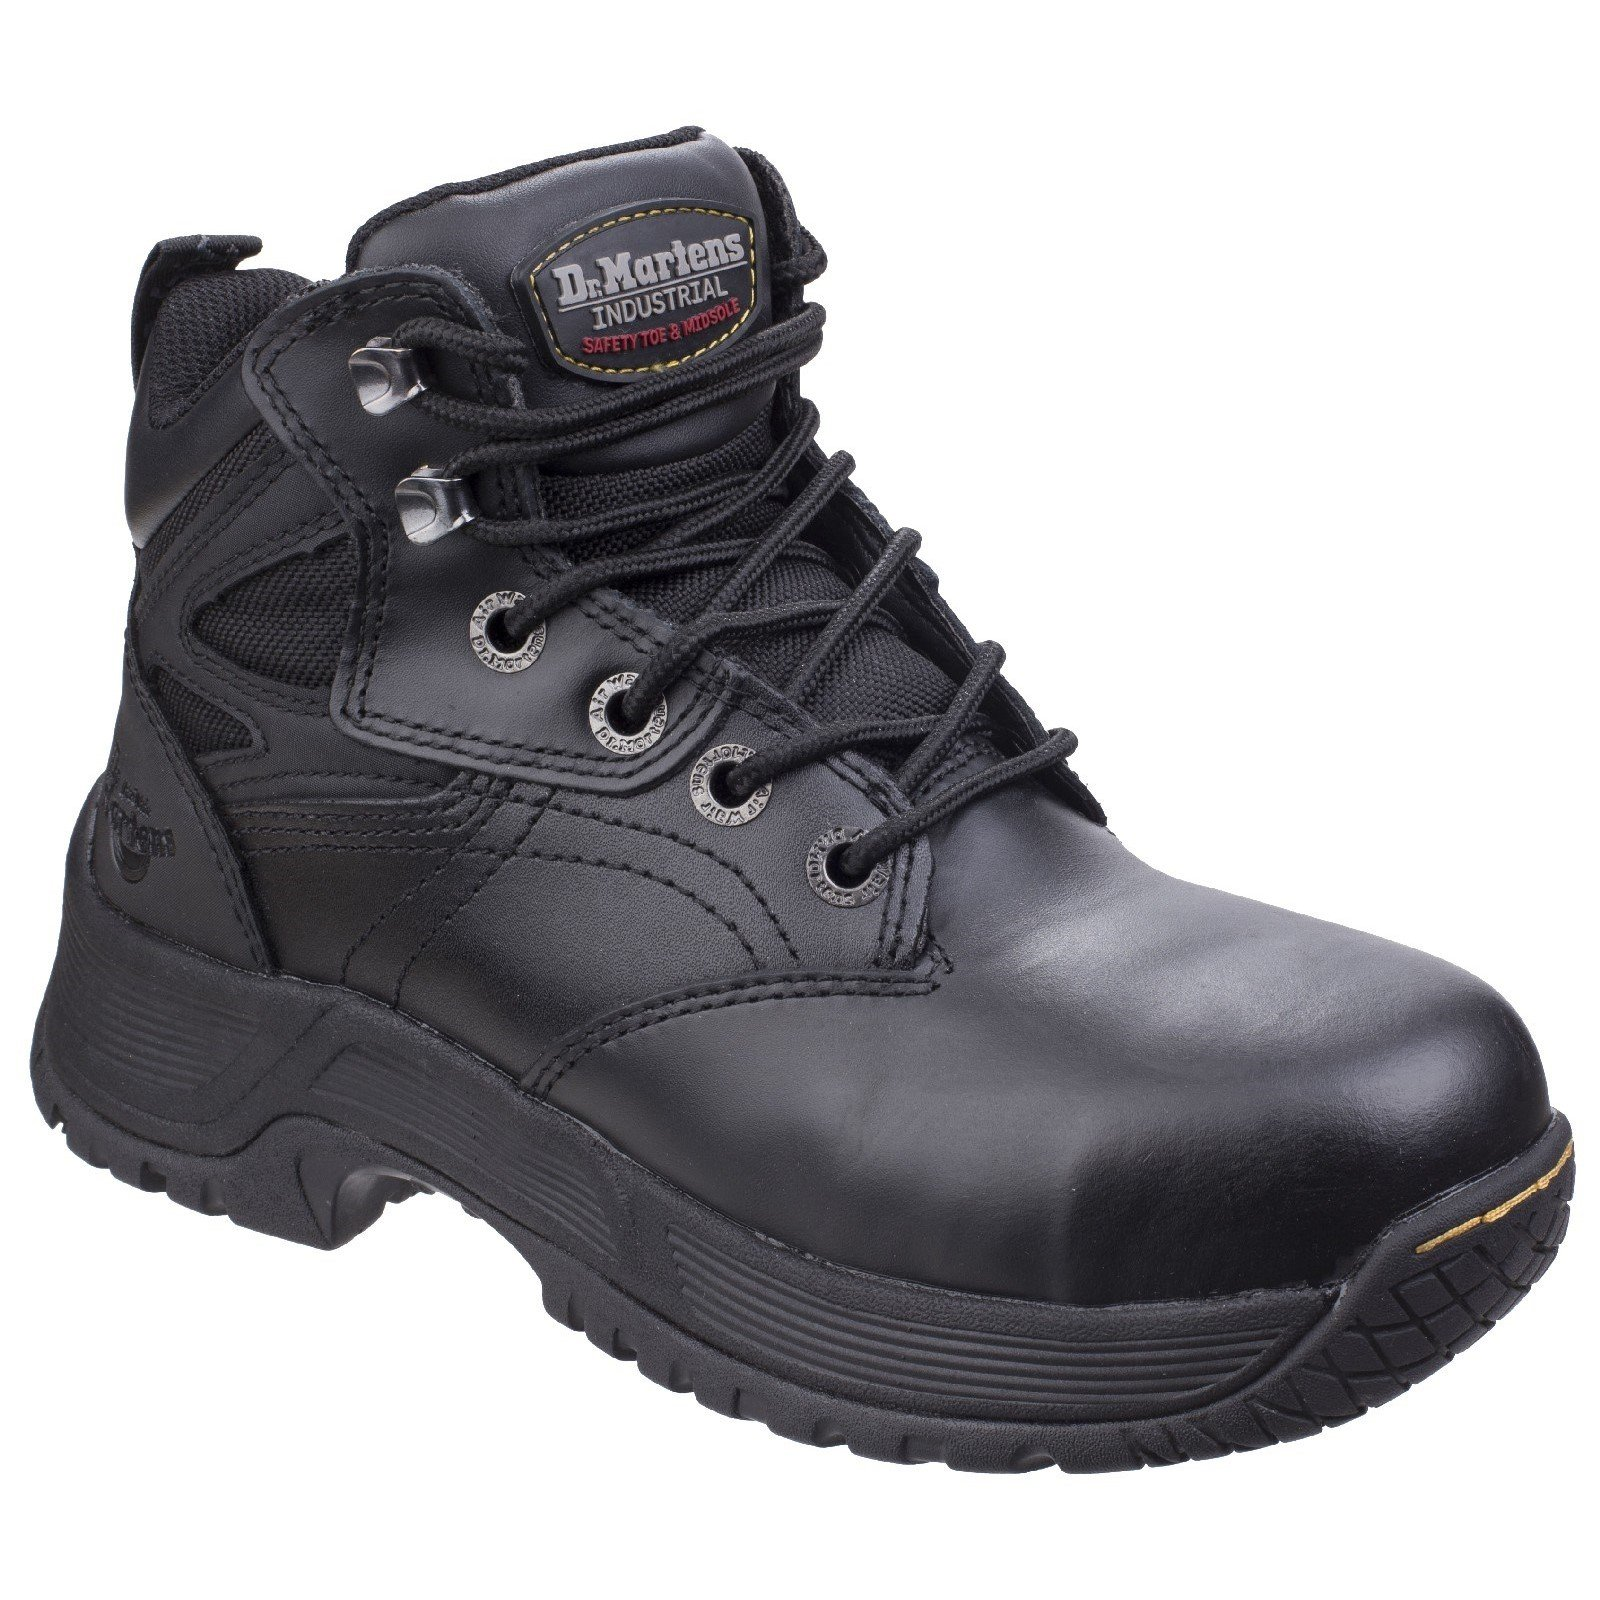 Dr Martens Men's Torness Safety Boot Black 26020 - Black 4